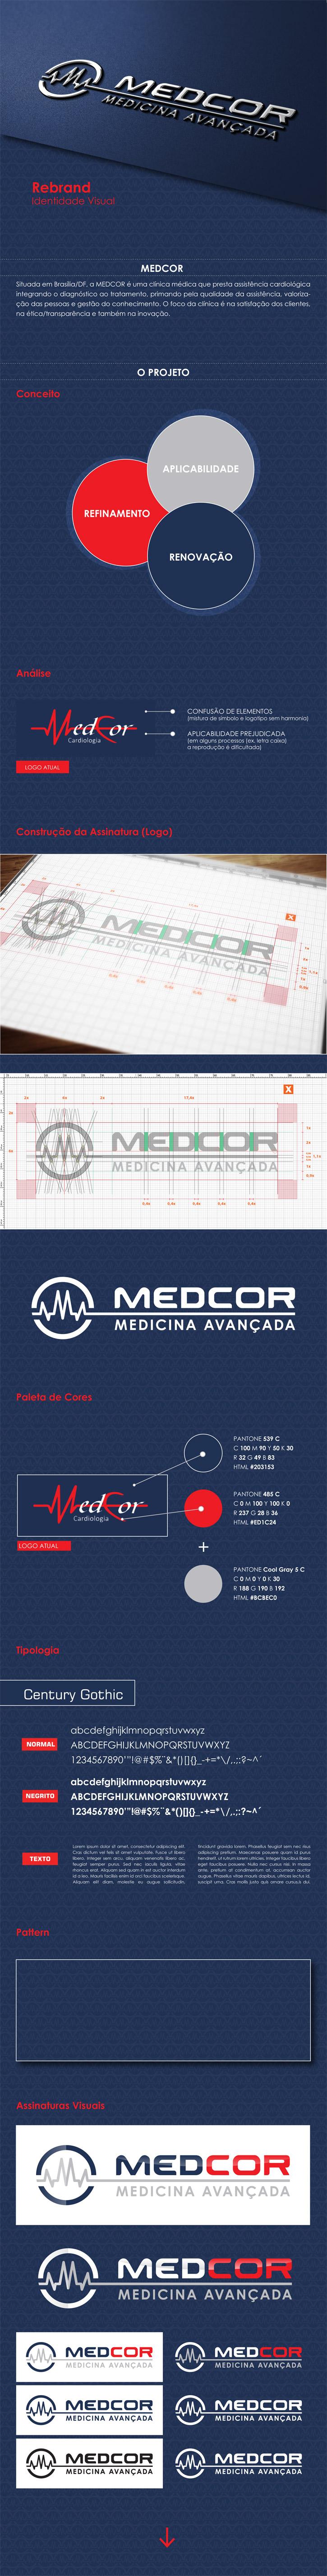 Apresentação Identidade Visual | MEDCOR - Medicina avançada (3)